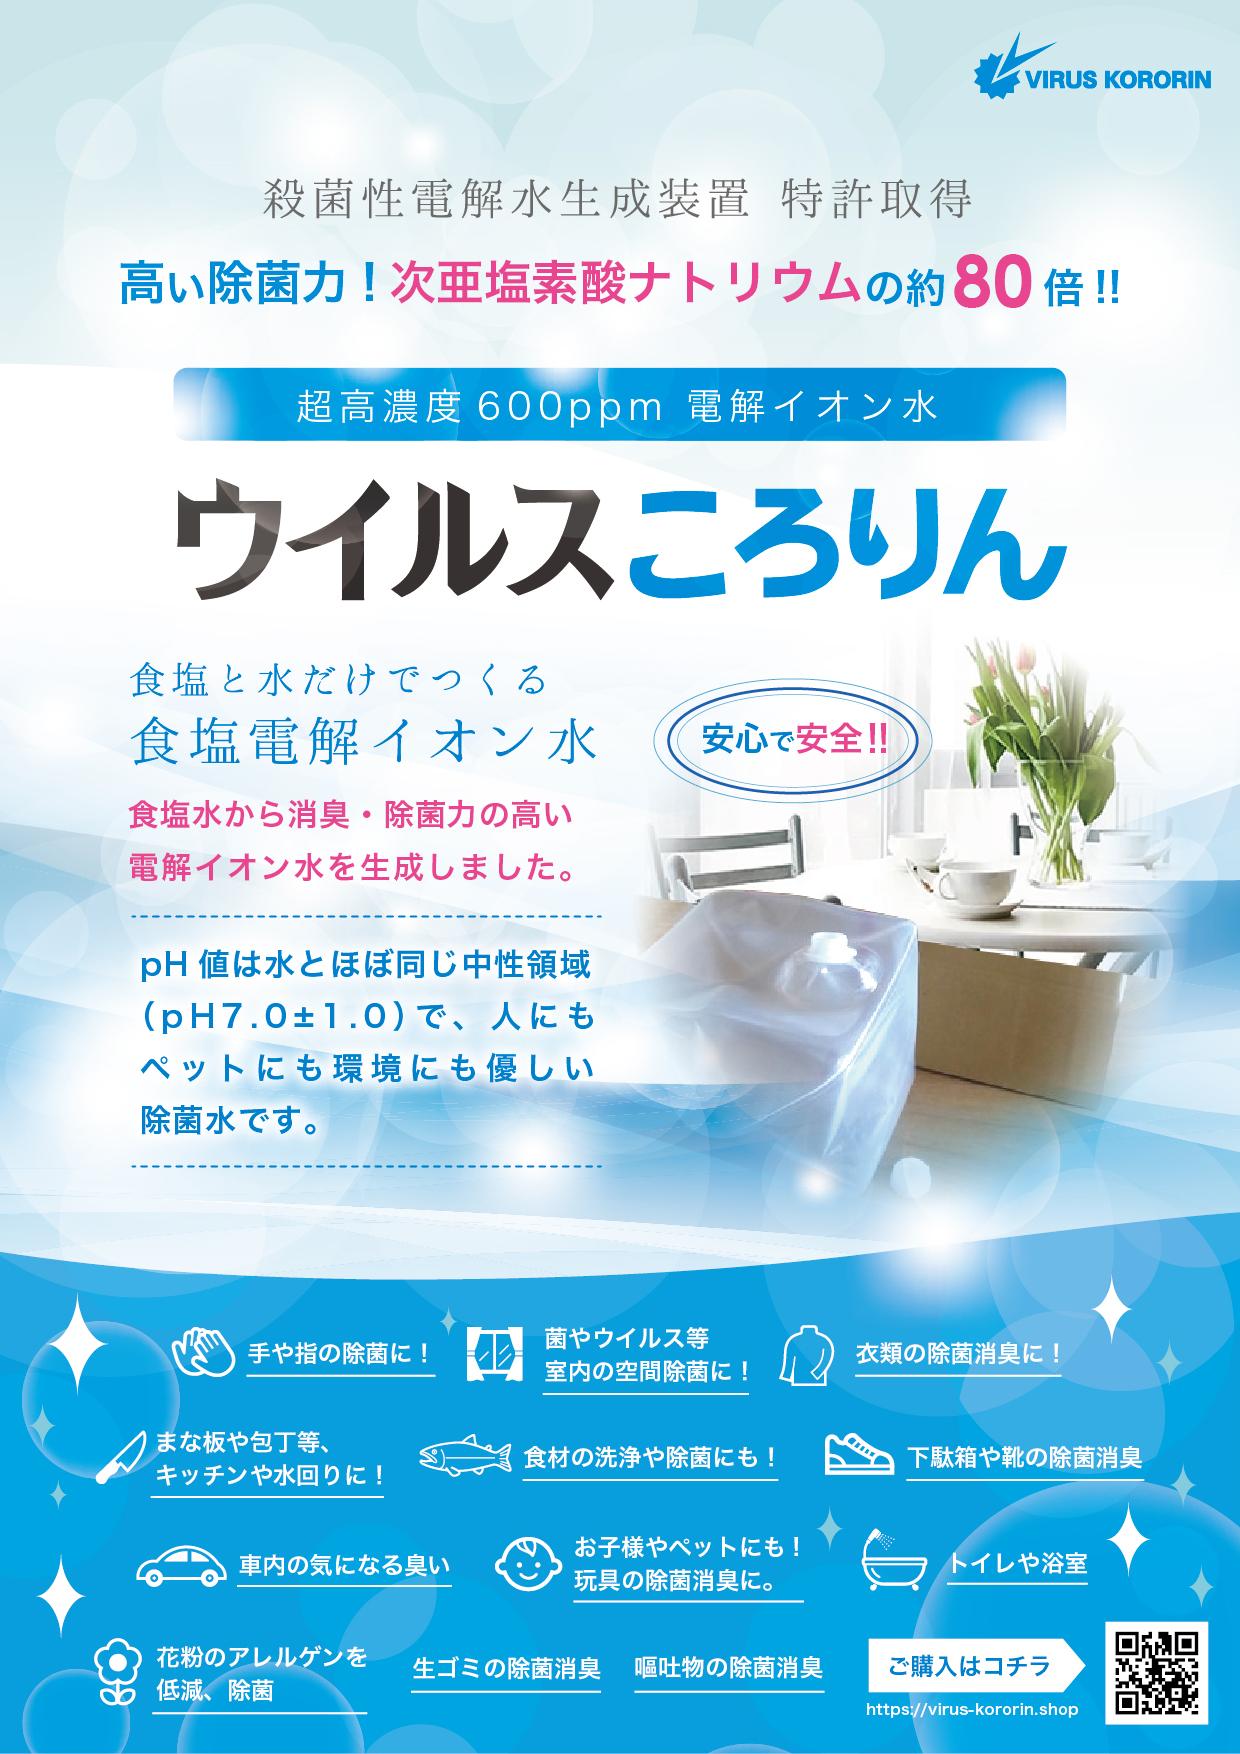 殺菌性電解水生成装置 特許取得 高い除菌力!次亜塩素酸ナトリウムの約80倍!! 超高濃度600ppm 電解イオン水